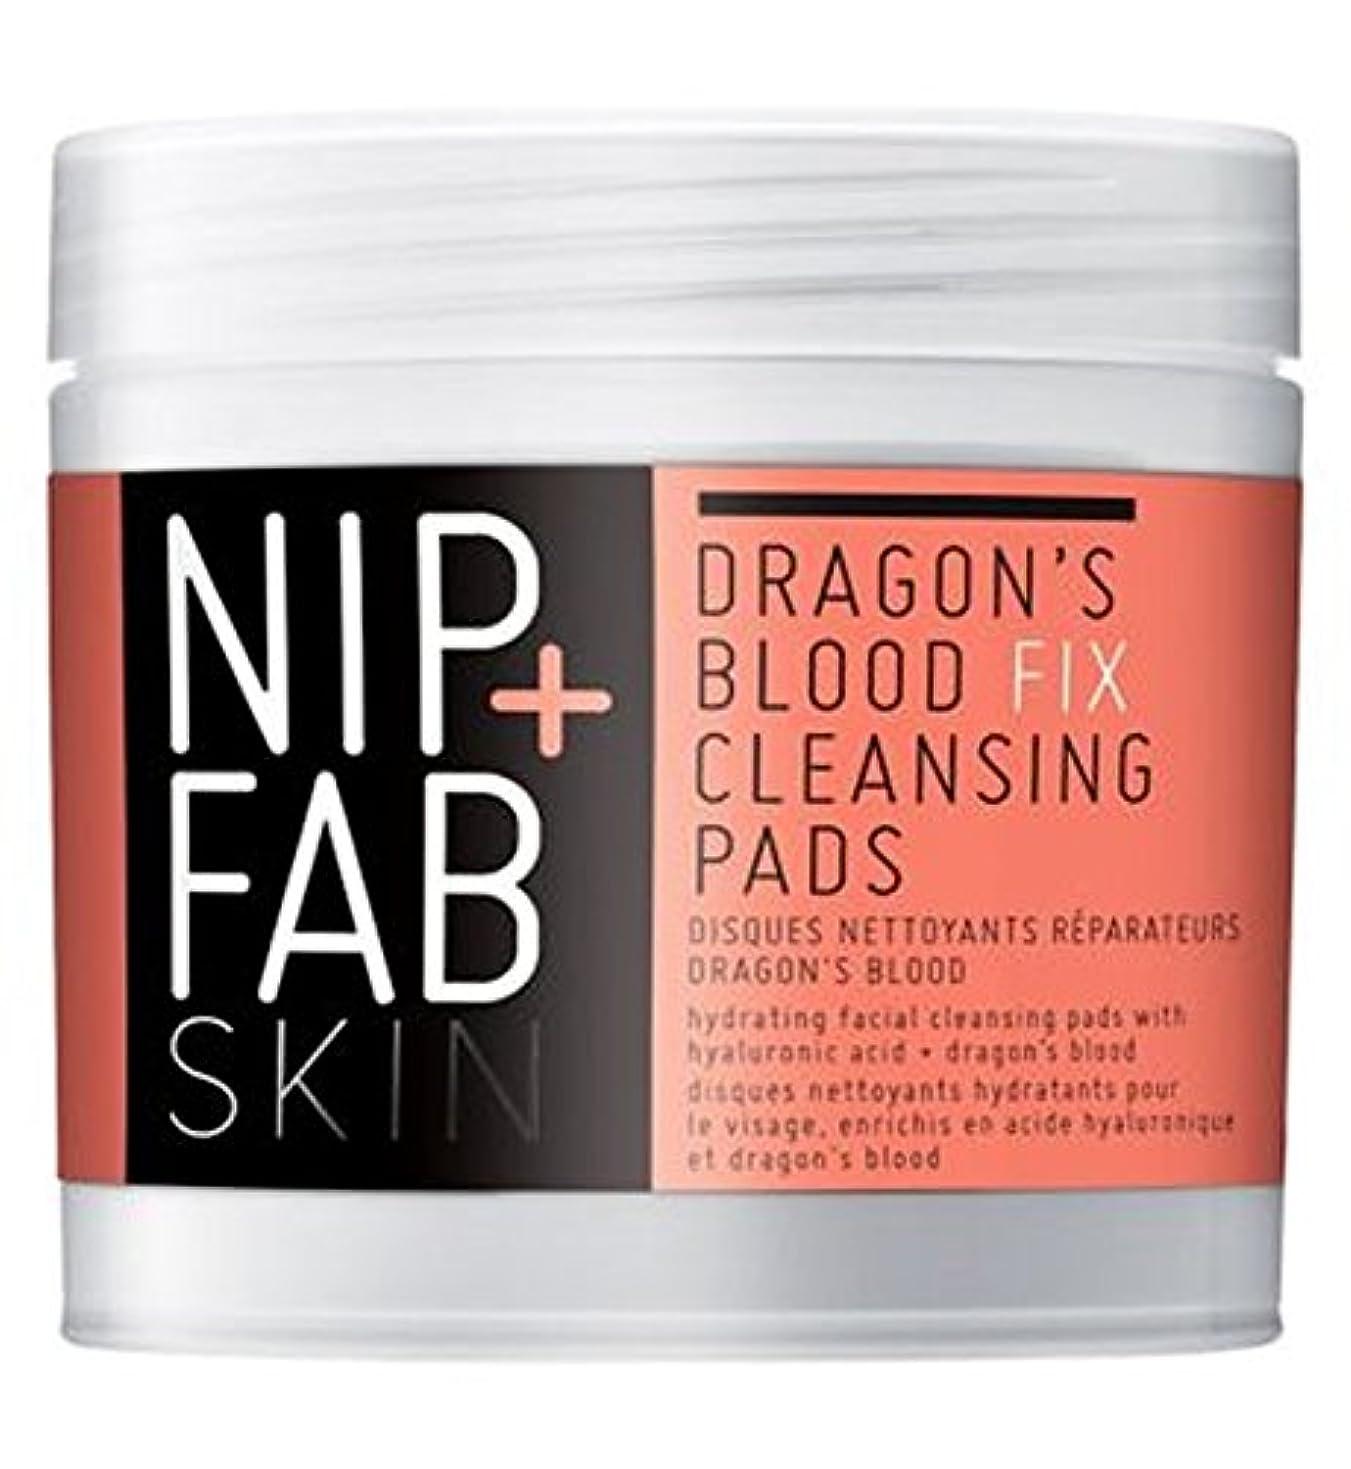 風邪をひく負汚れた+ファブ竜の血修正パッド80ミリリットルニップ (Nip & Fab) (x2) - Nip+Fab Dragons Blood Fix Pads 80ml (Pack of 2) [並行輸入品]